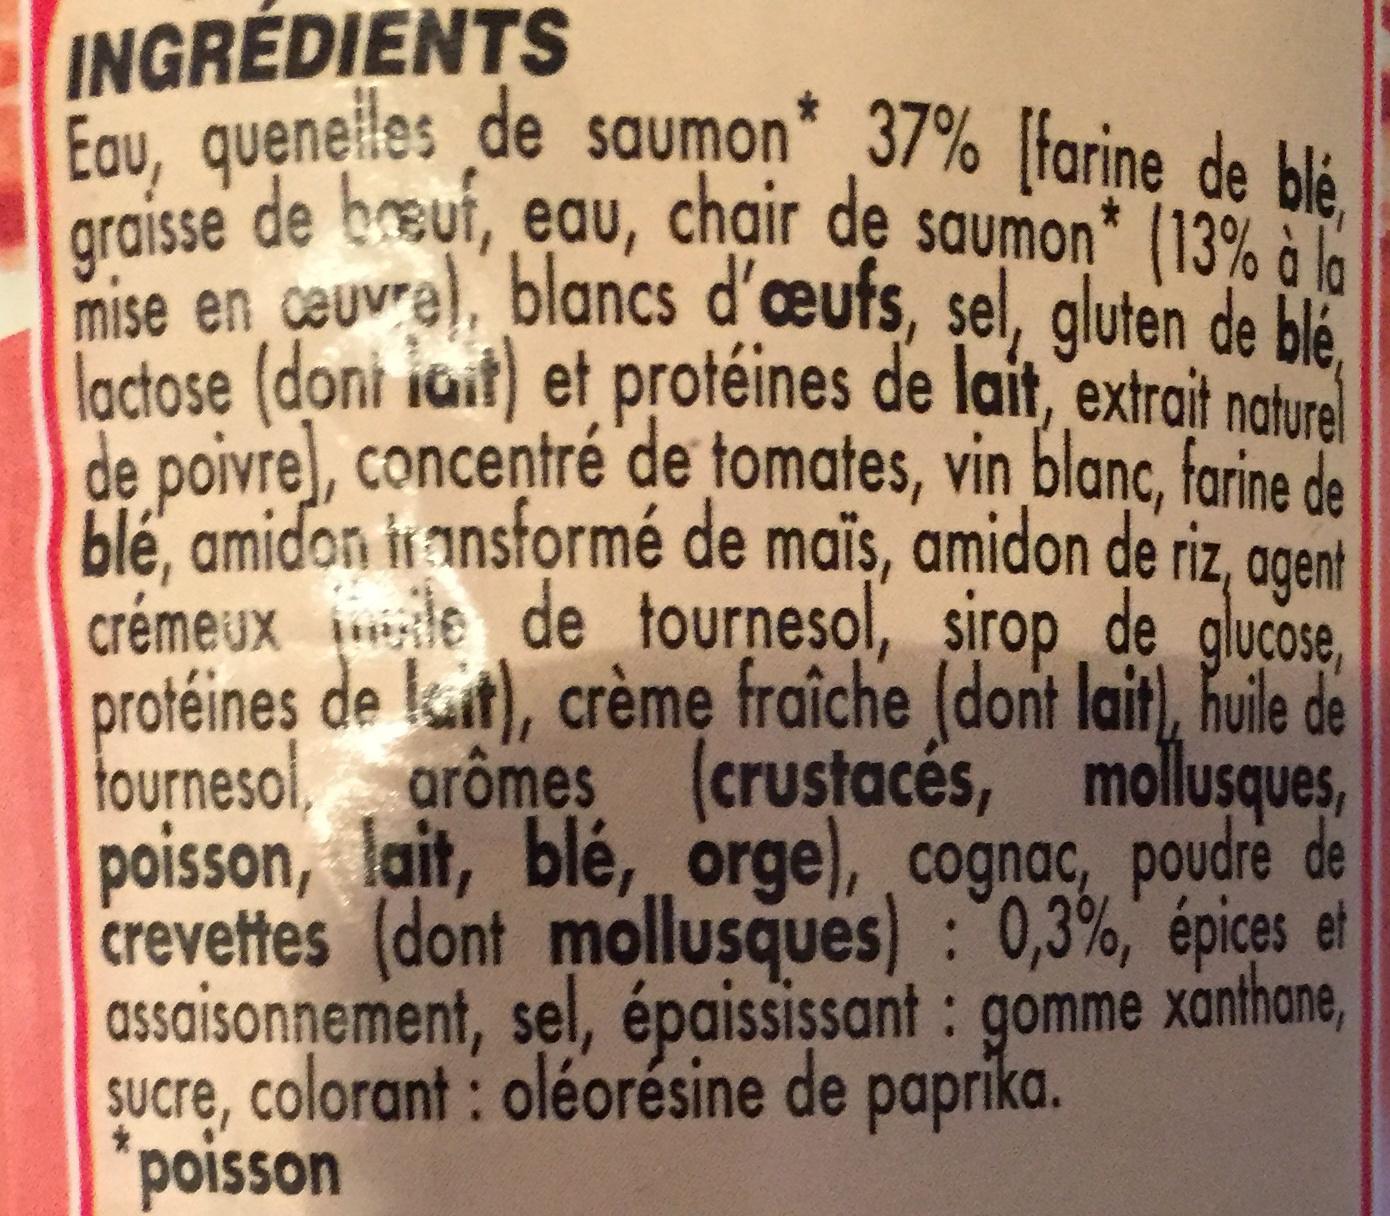 Quenelles de Saumon sauce Saveur Crevette - Ingredients - fr